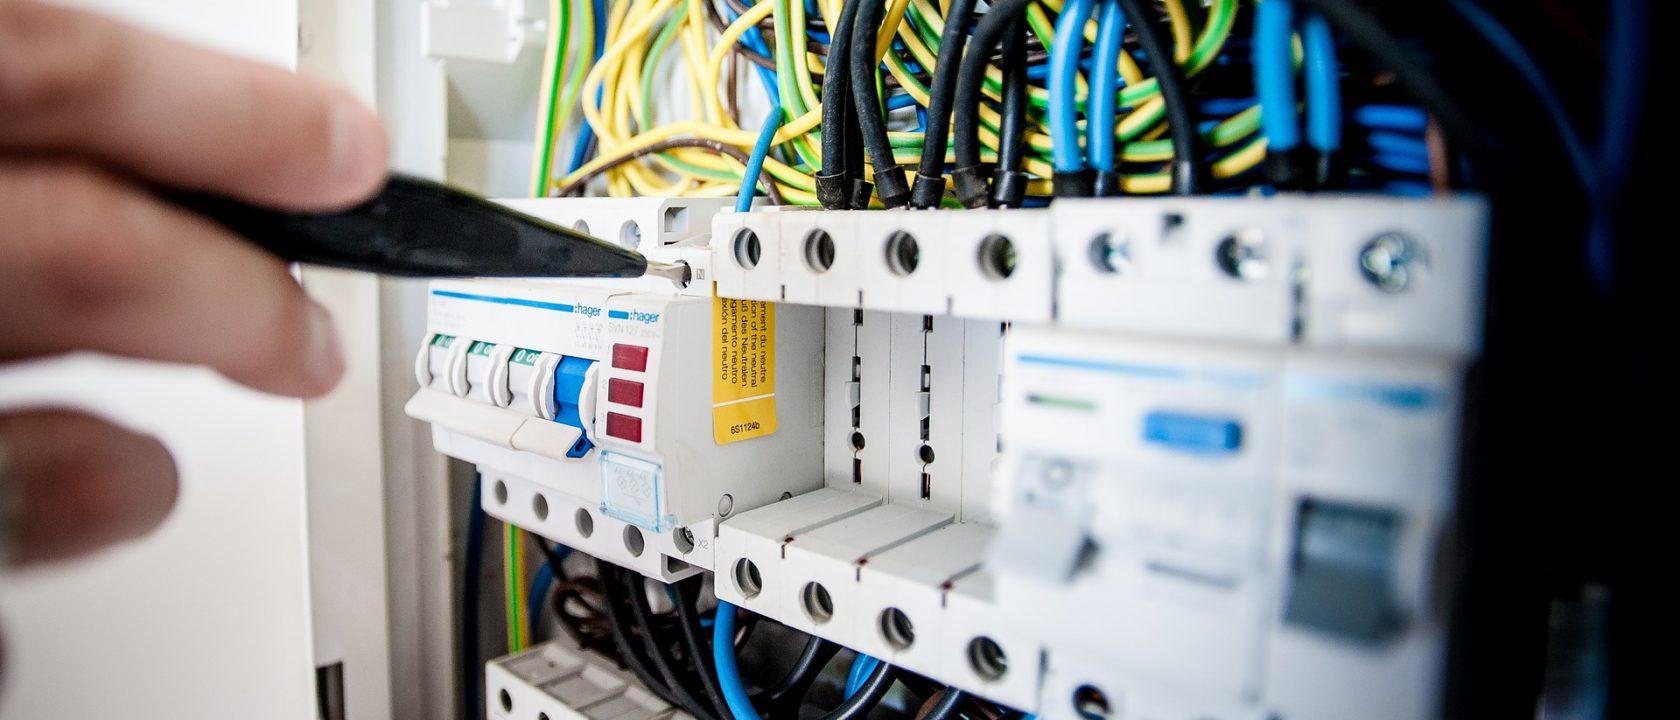 manutenzione assistenza elettricista bergamo domotica